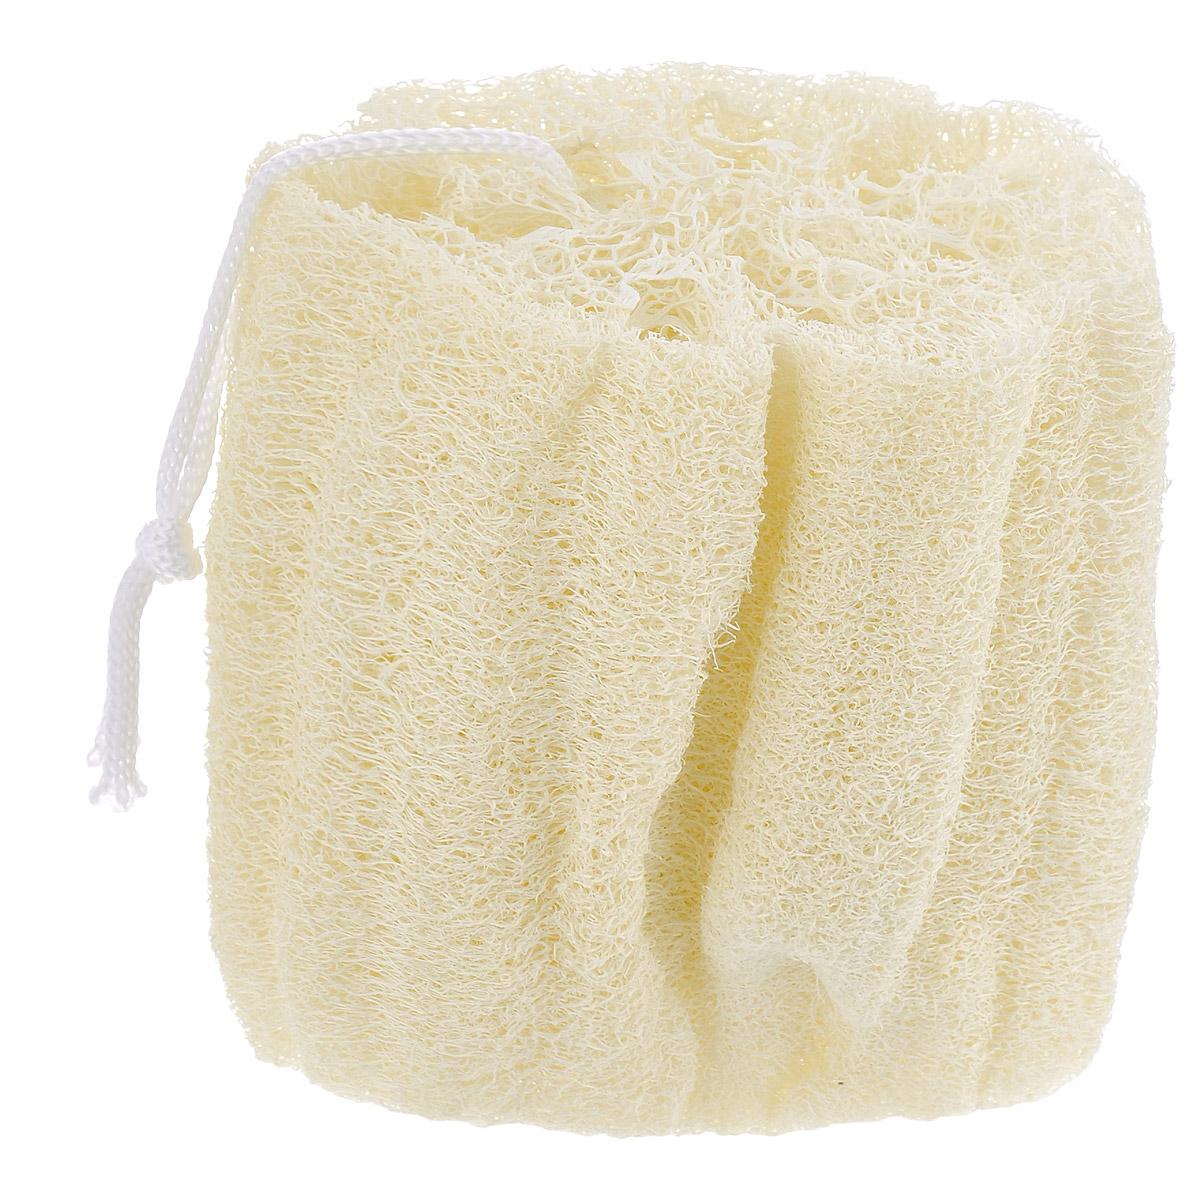 Мочалка из люфы Eva. М22М22Натуральная мочалка с петлей Eva станет незаменимым аксессуаром ванной комнаты. Отлично пенится и быстро сохнет.Мочалка изготовлена из плодов люфы, благодаря чему она сохраняет все ценные свойства этого растения. Мочалка обладает массажным эффектом, она эффективно тонизирует и очищает кожу. Идеальна для профилактики и борьбы с целлюлитом. Подходит для всех типов кожи. Не вызывает аллергии.